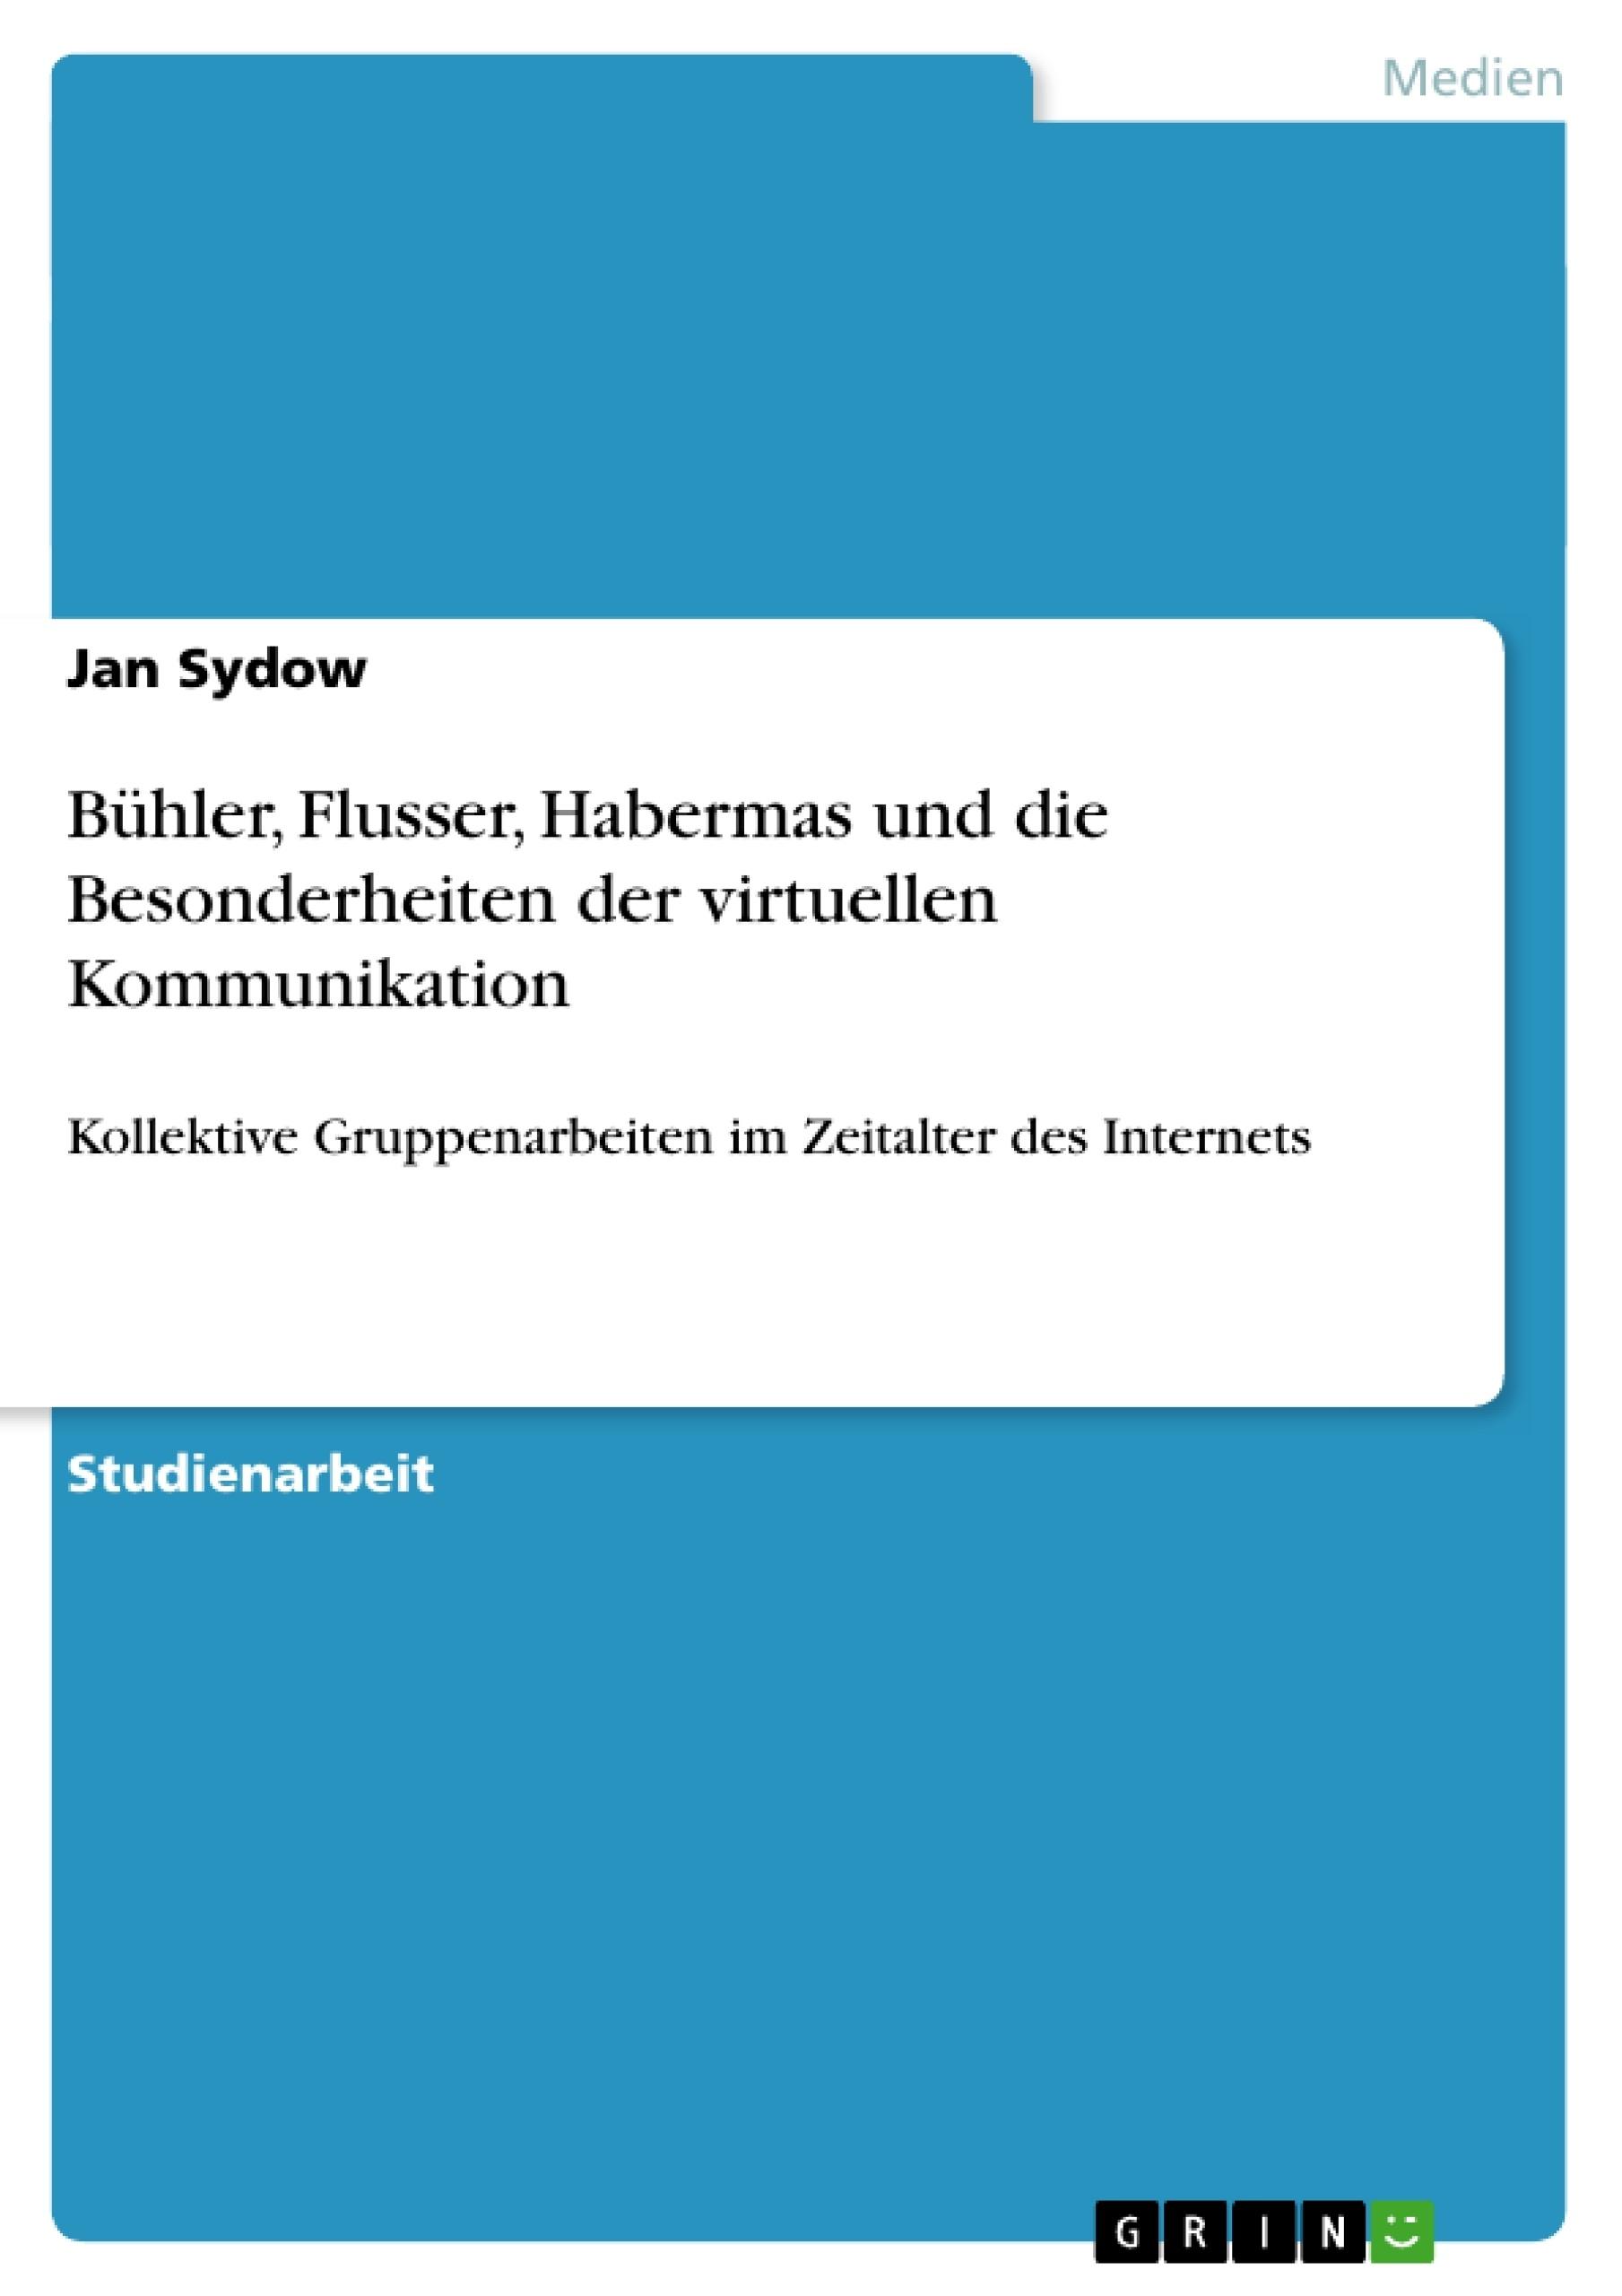 Titel: Bühler, Flusser, Habermas und die Besonderheiten der virtuellen Kommunikation